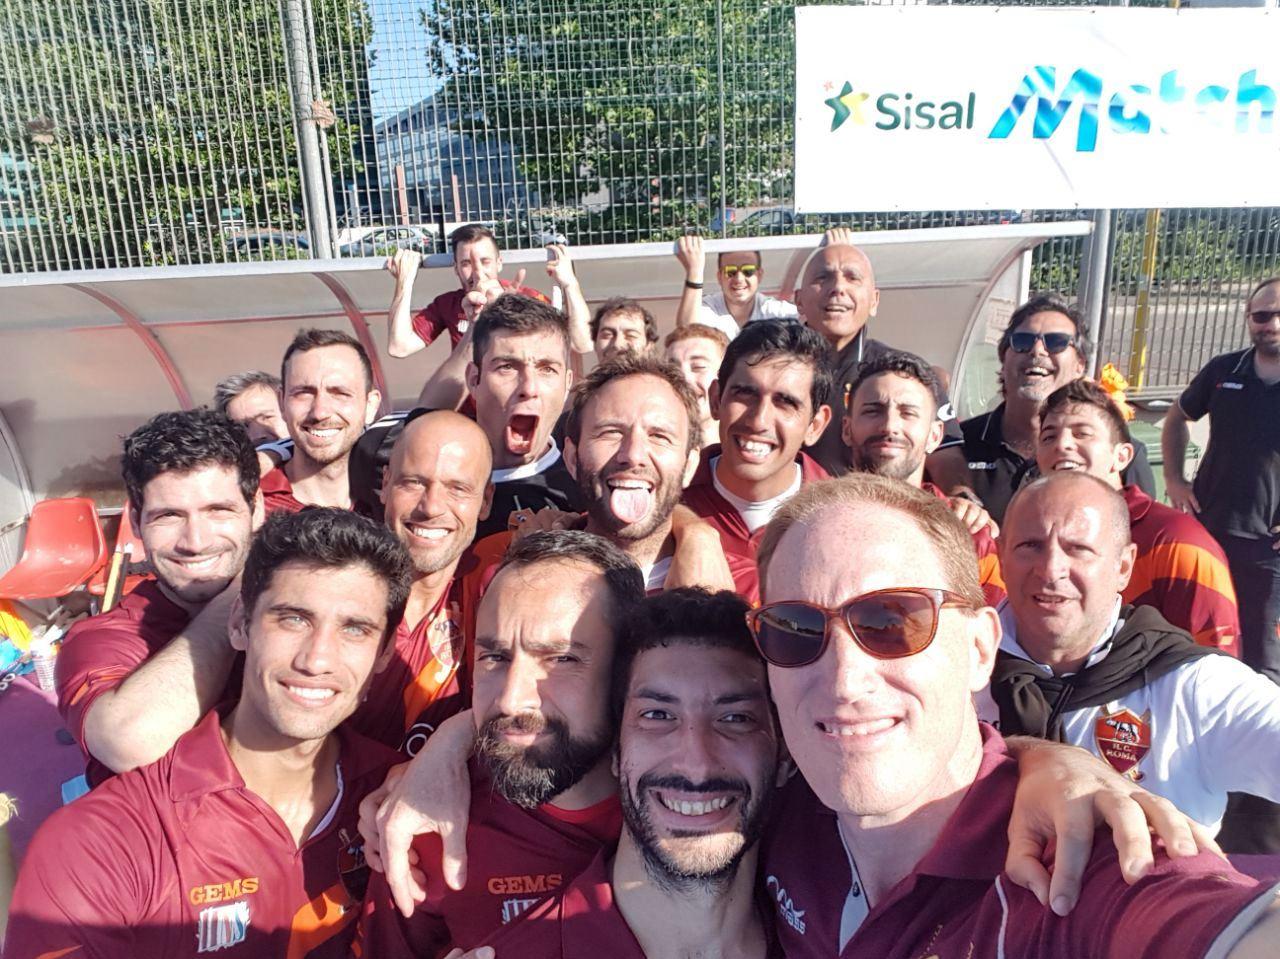 Il Selfie Dell'hc Roma Di Fine Incontro Dopo Il 4 A 0 All'Amsicora Cagliari